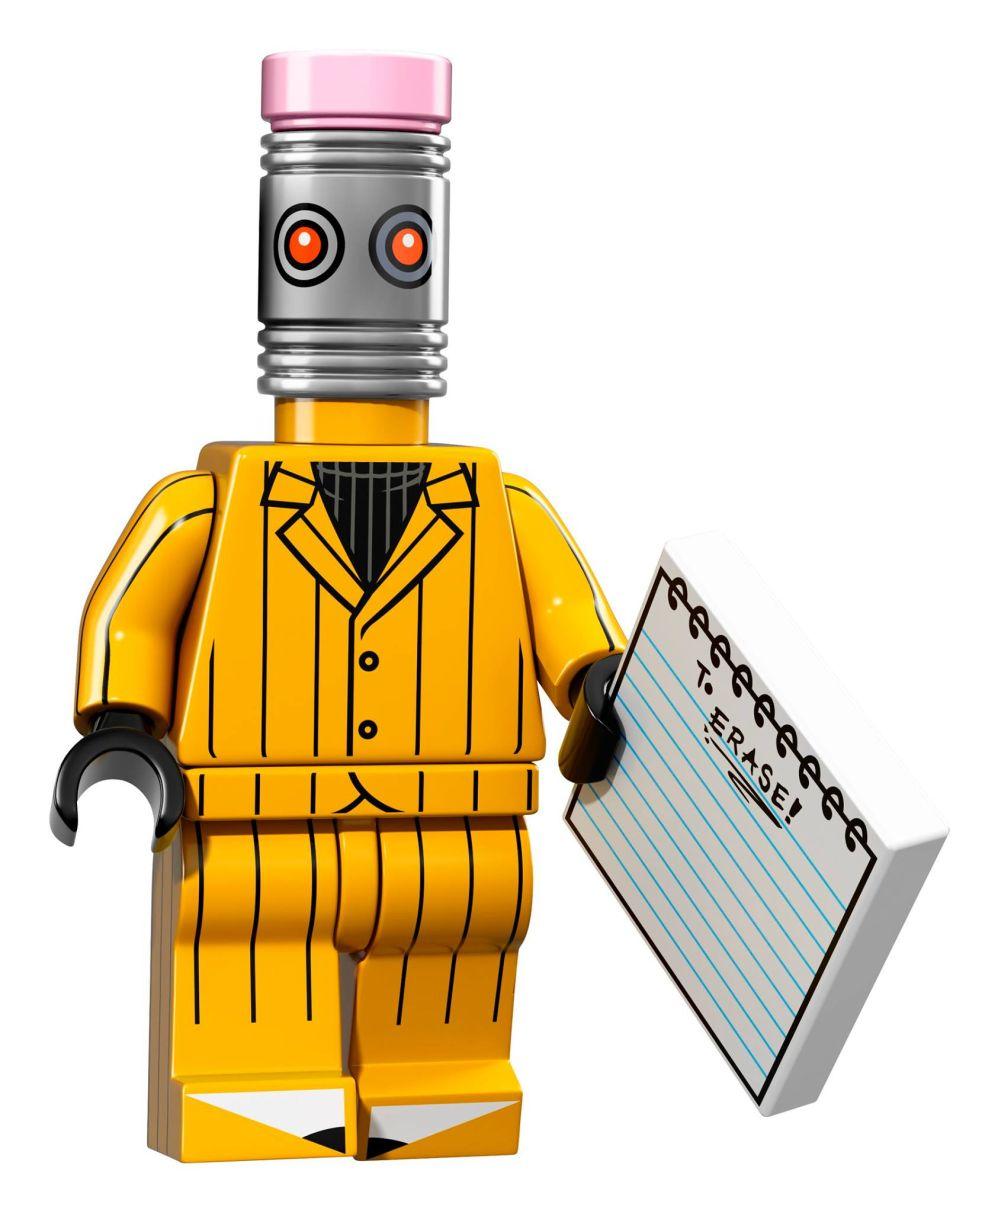 LEGO Batman Movie: The Eraser